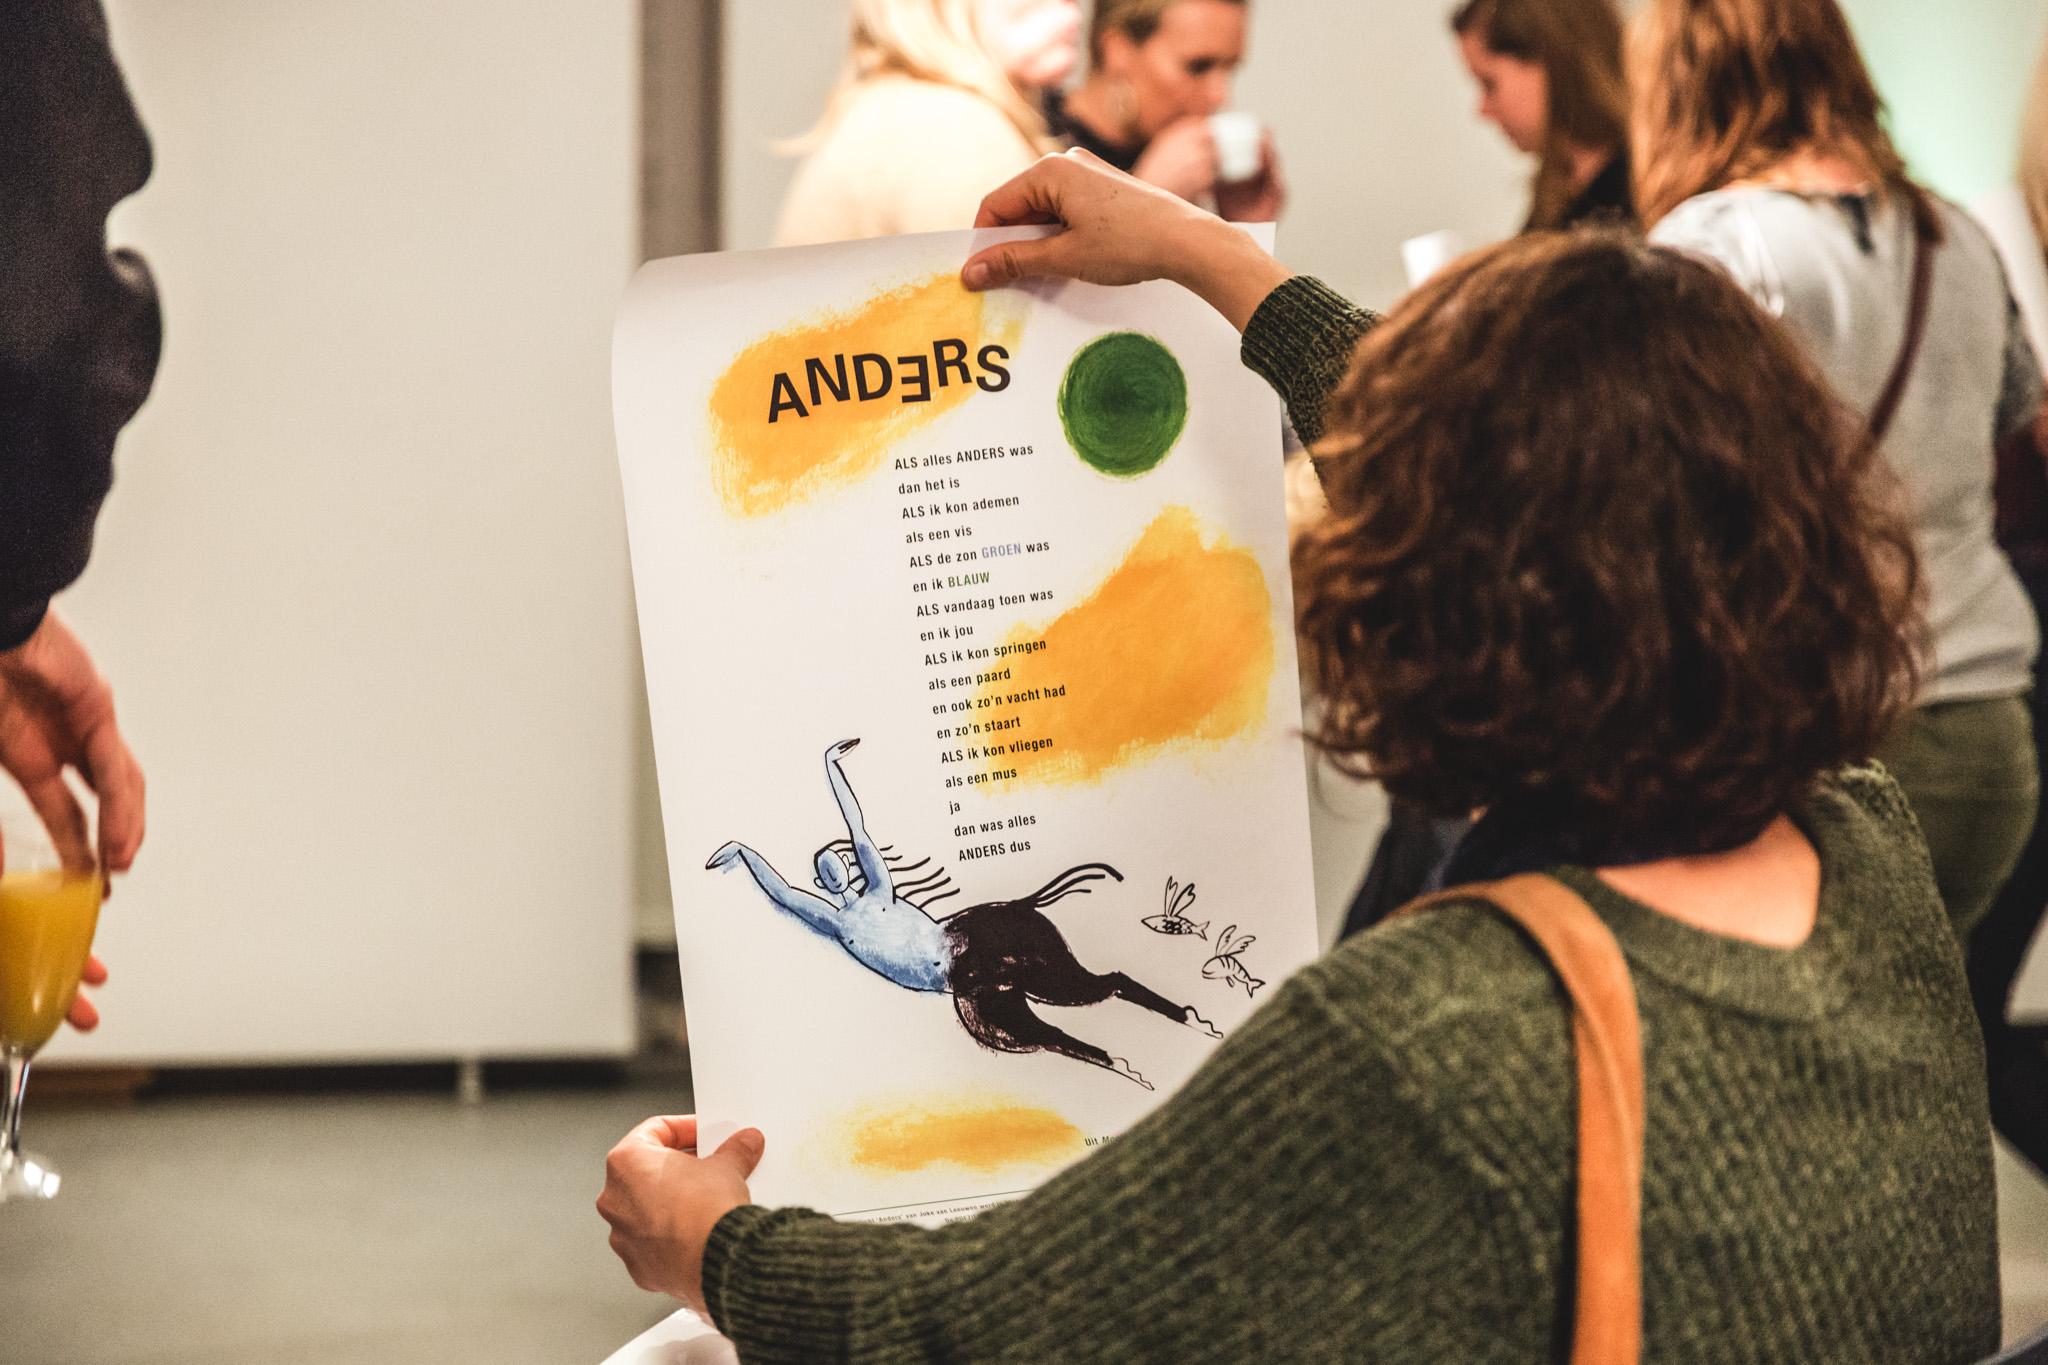 vrouw houdt poster vast met daarop een gedicht